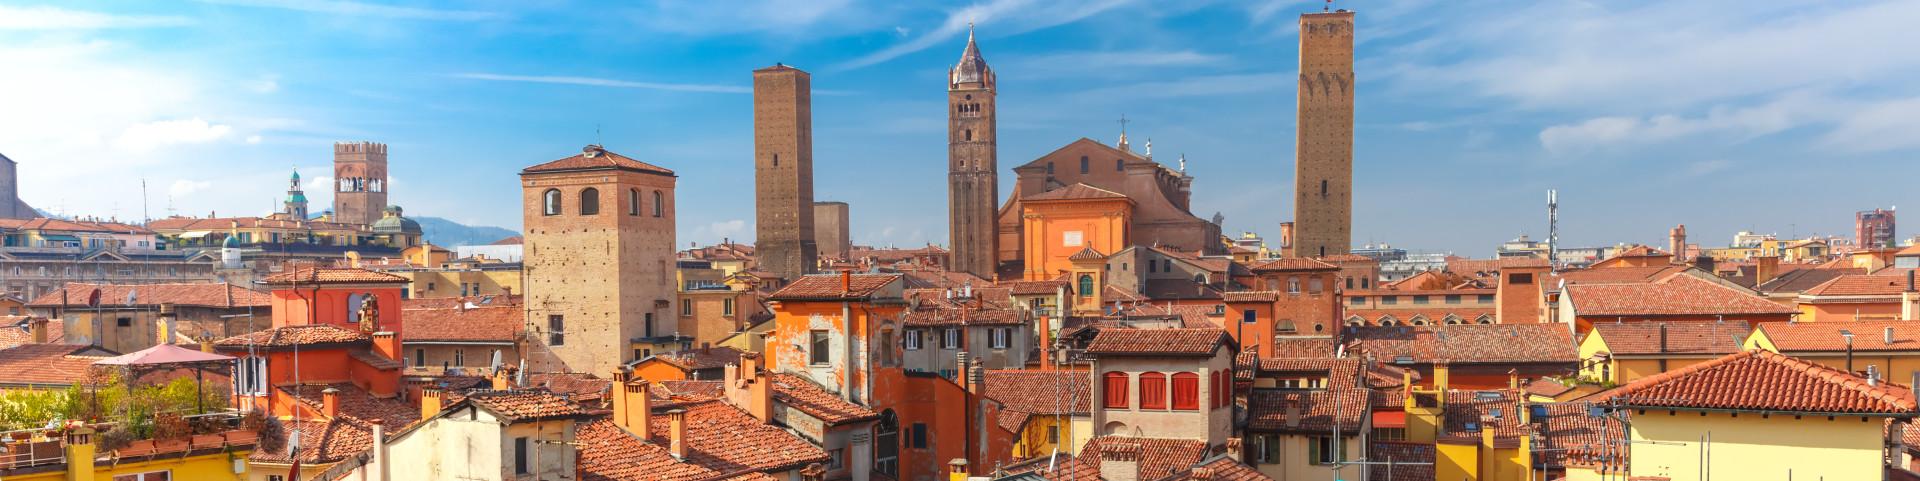 Bologna a její věže - torri